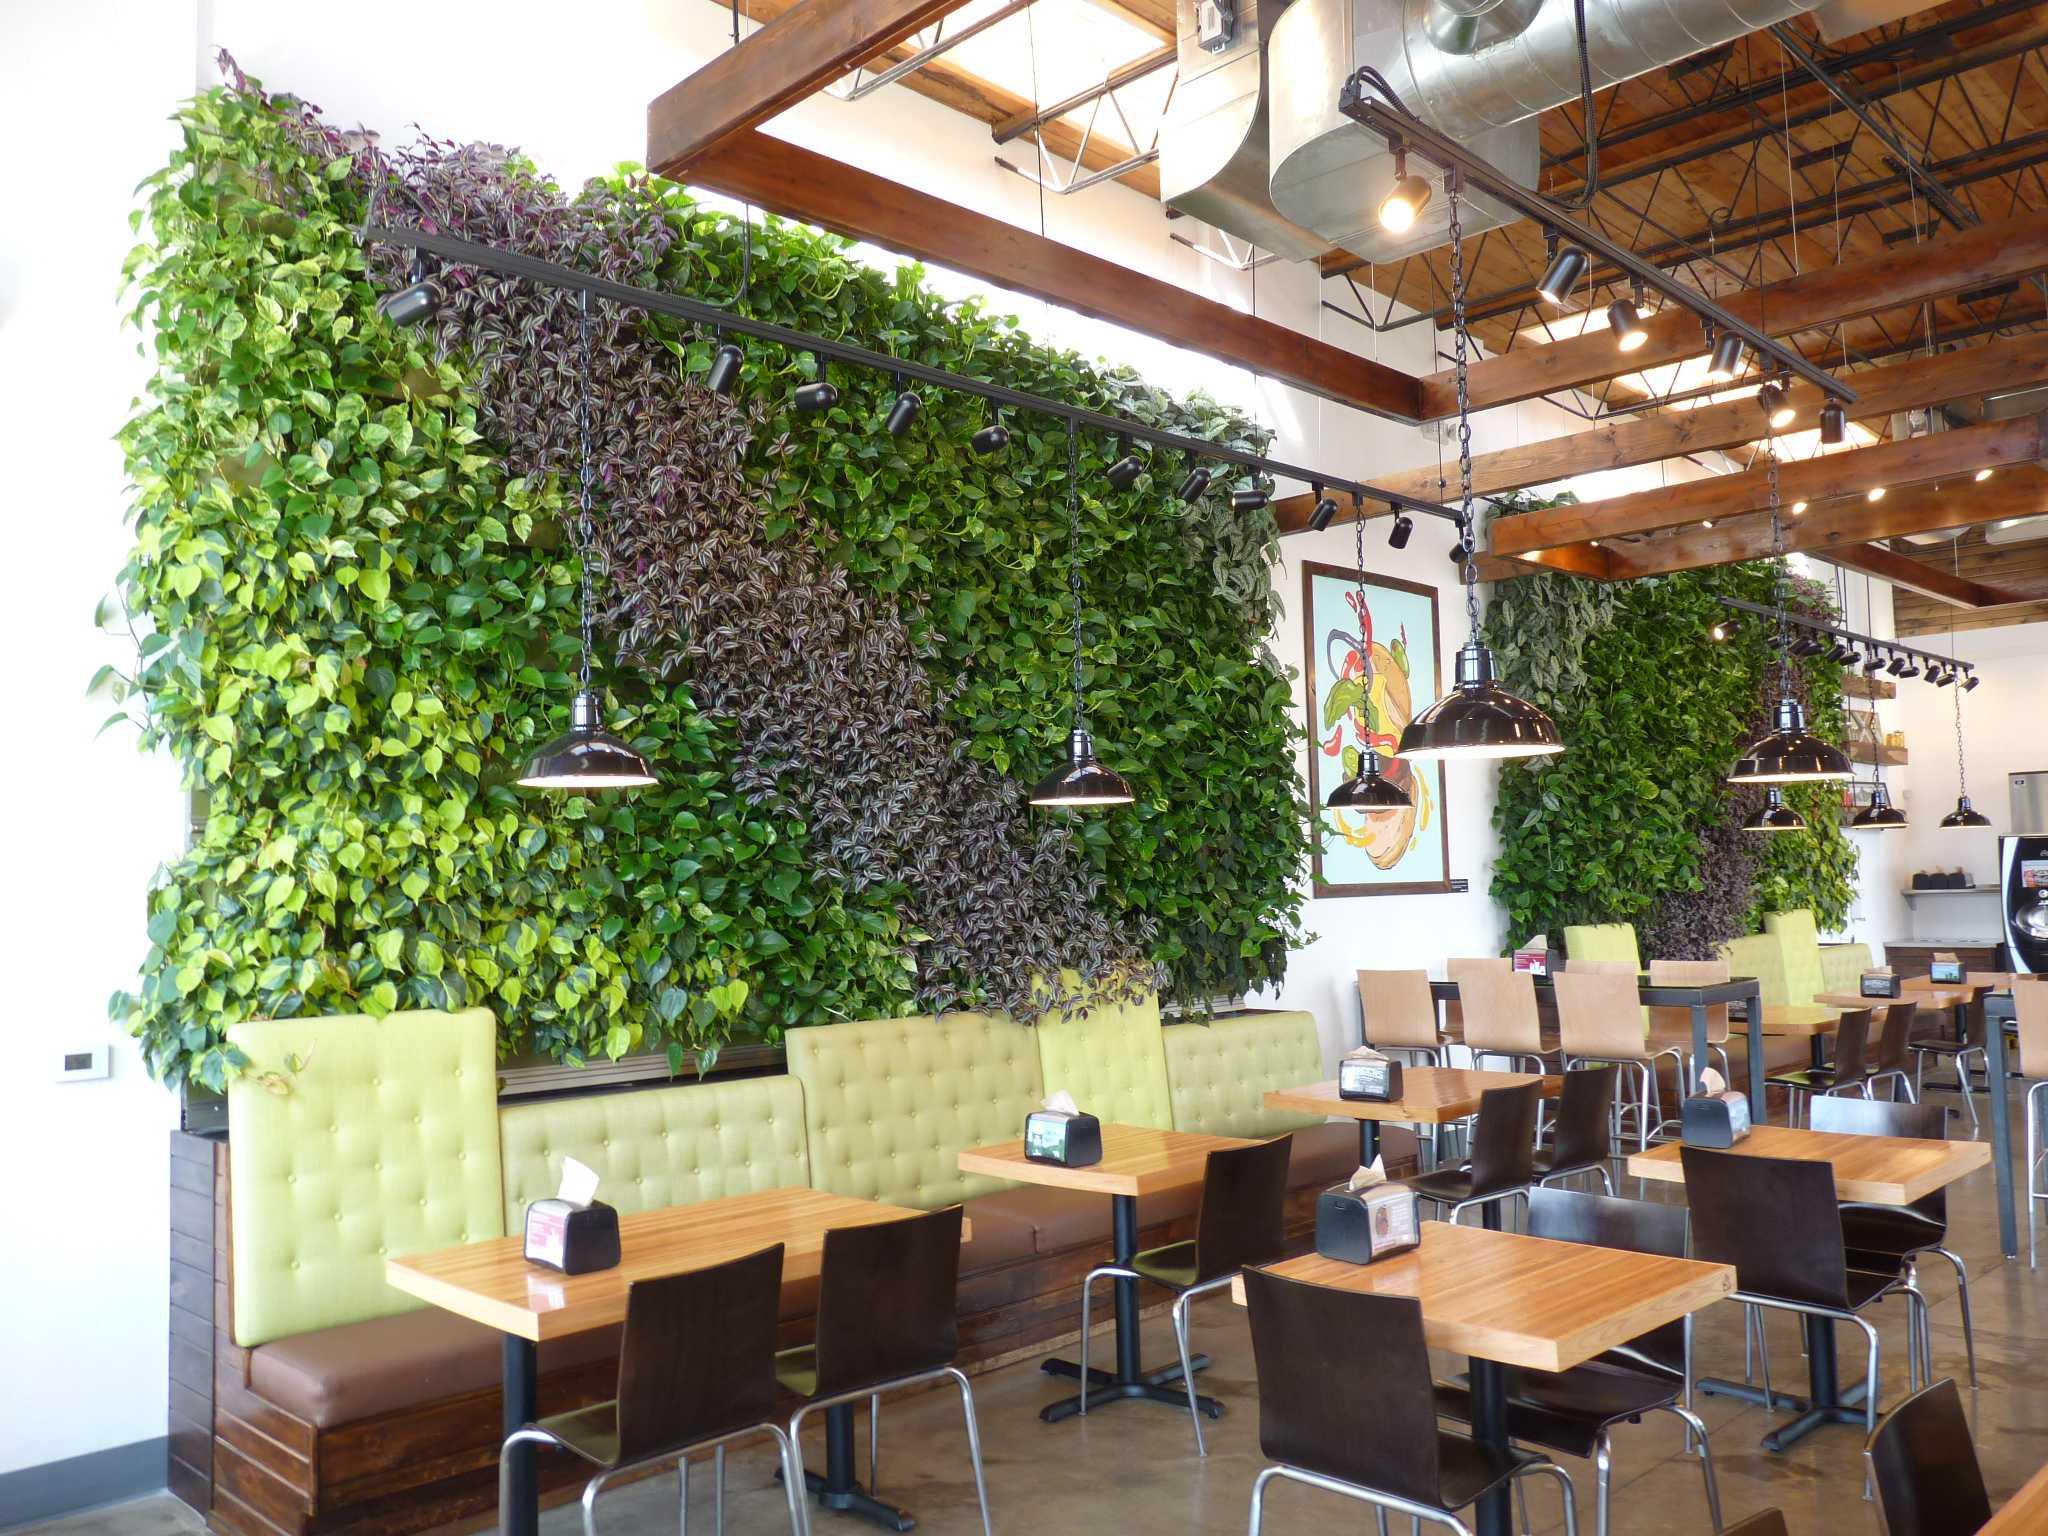 Michigan restaurant includes green walls indoors